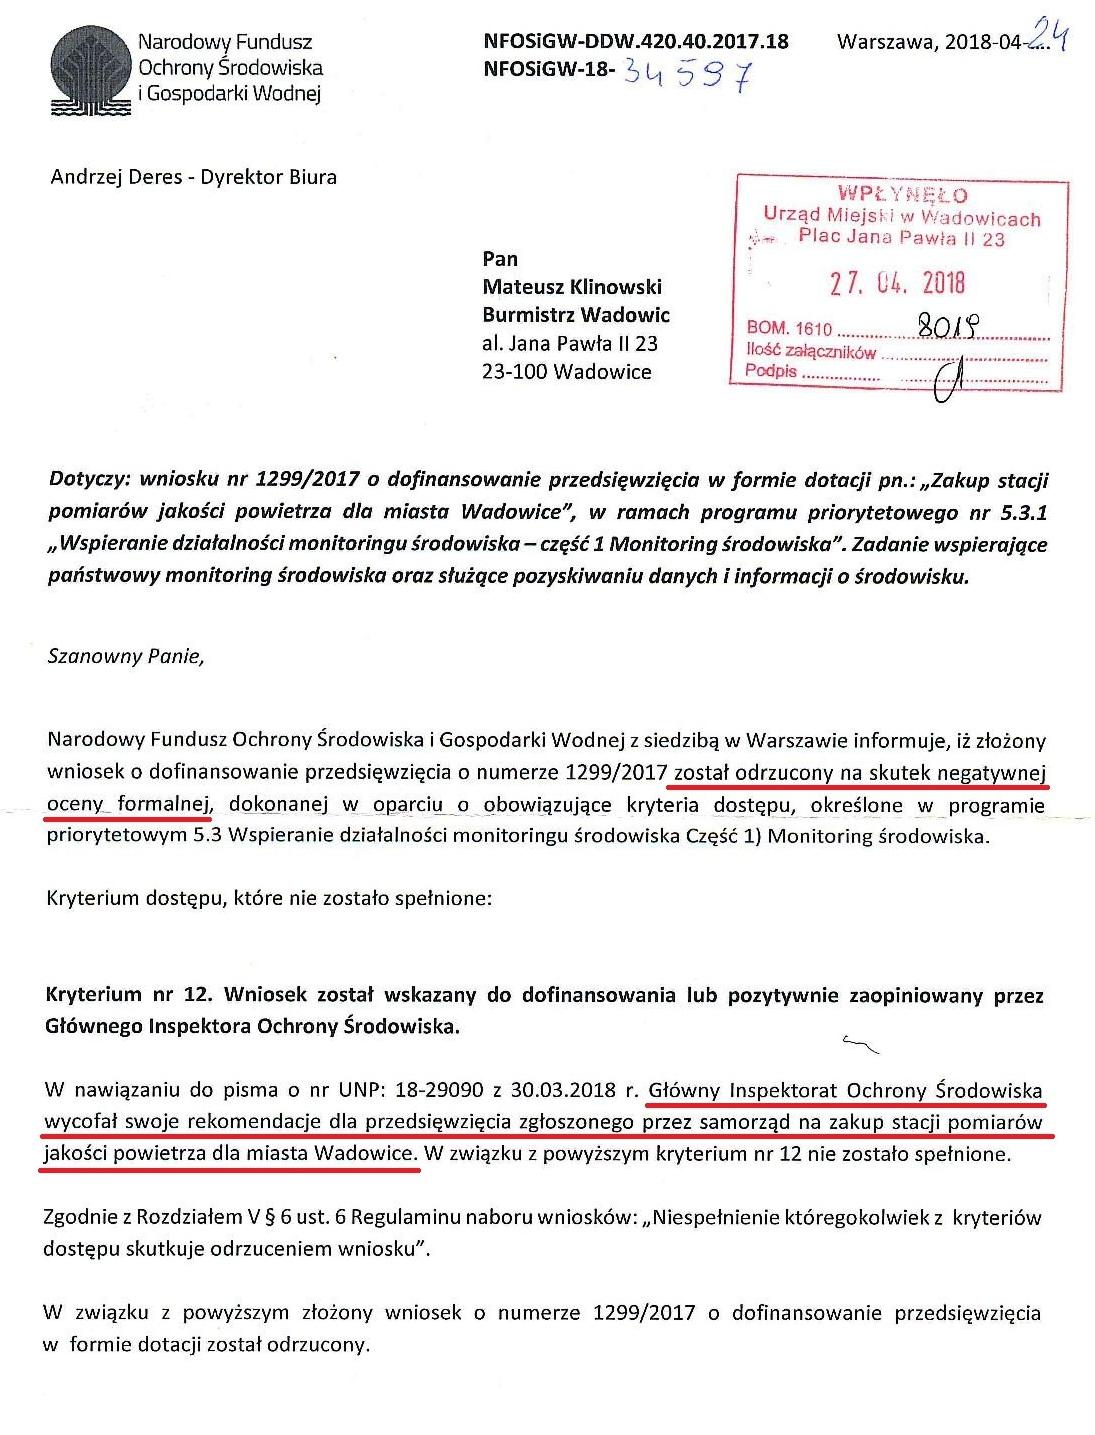 Informacja o tym, że nie spełniamy kryterium wstępnego oceny wniosku kilka miesięcy po jego ocenie